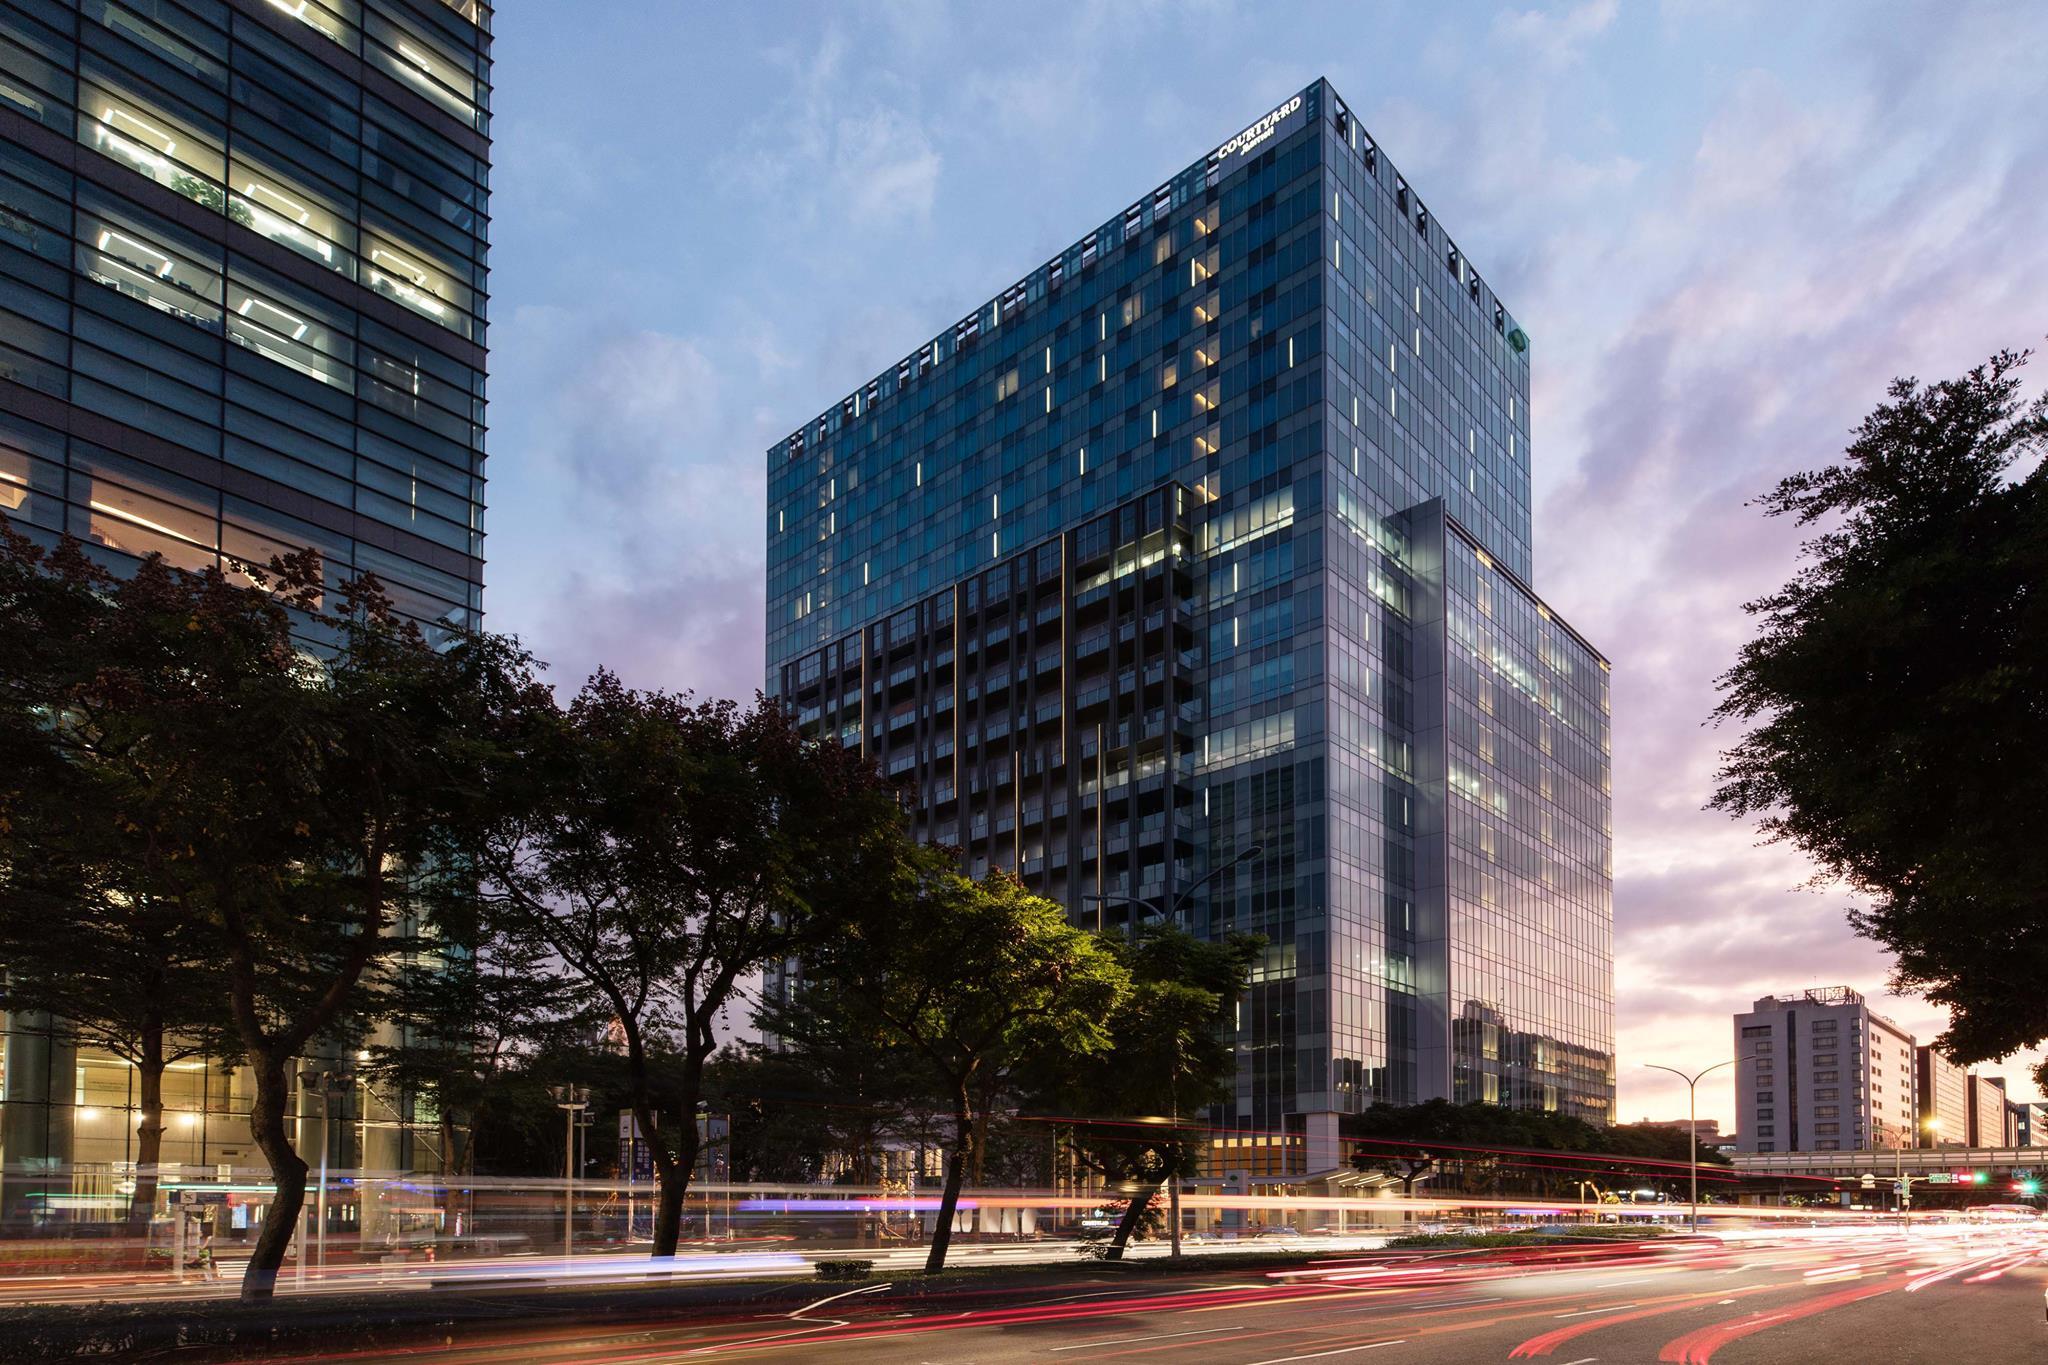 [新飯店]萬豪集團臺北國泰萬怡酒店12月12日正式開幕 | 常旅客